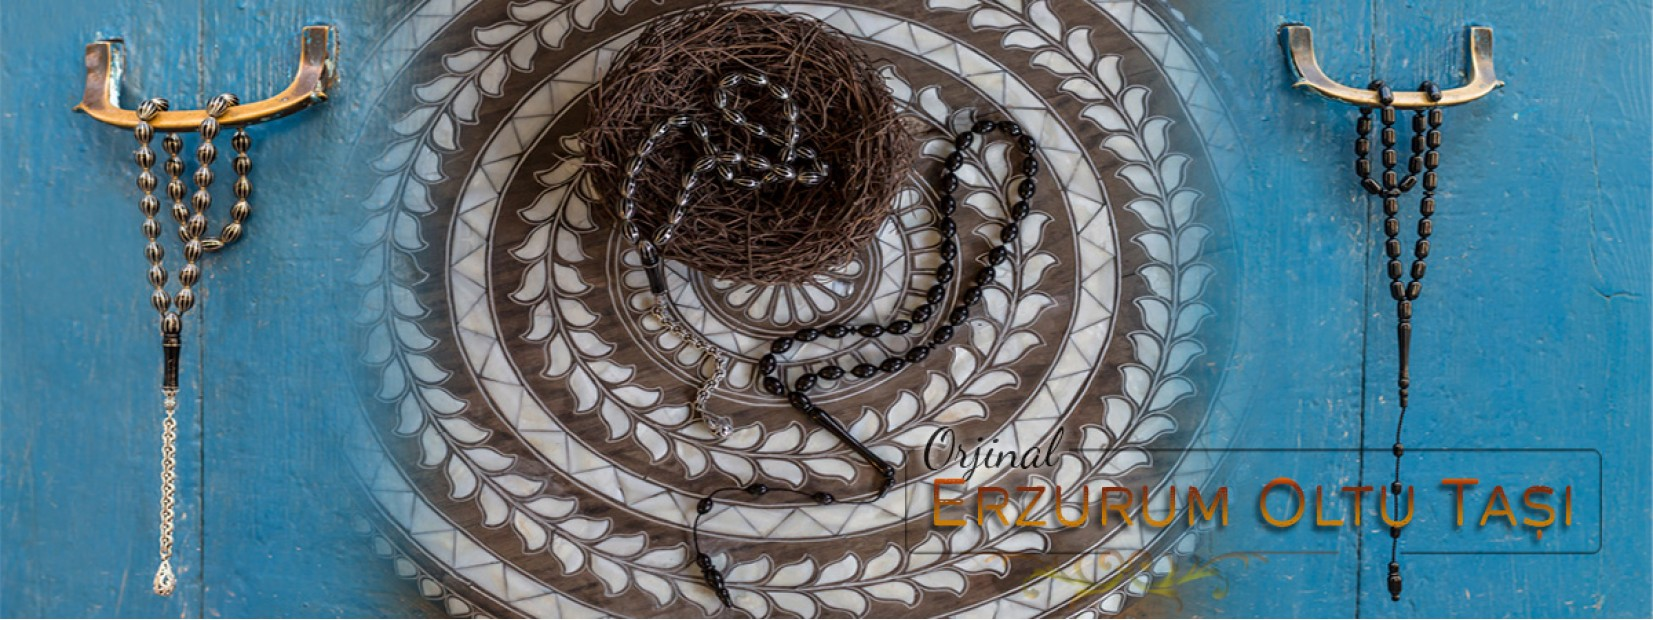 Telkari Karpuz Yarma Gümüş İşleme El Yapımı Orjinal Oltu